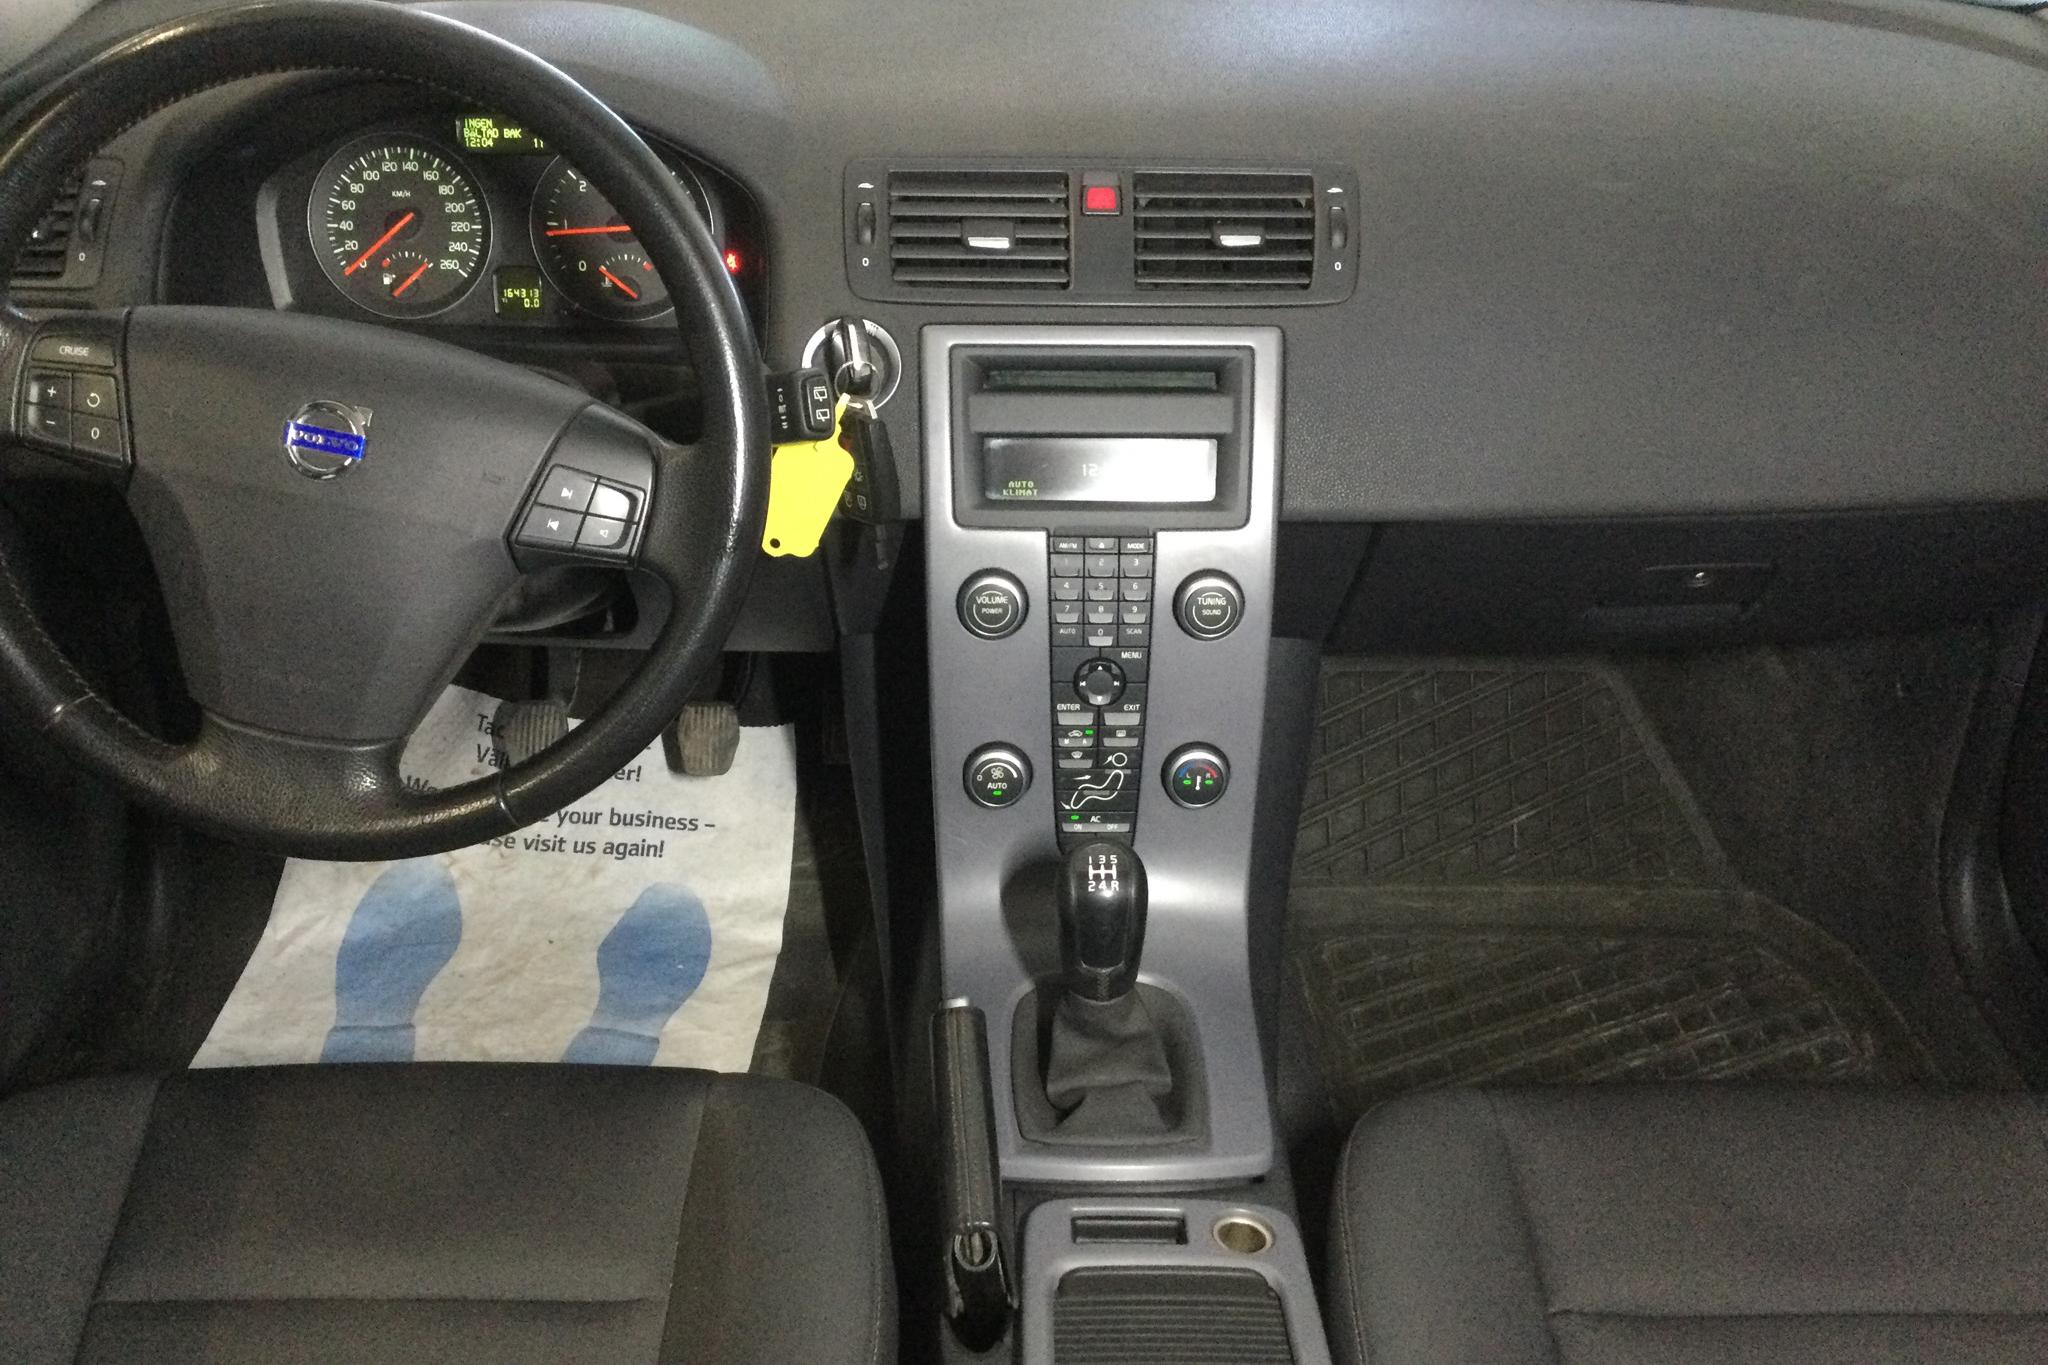 Volvo V50 1.6D (109hk) - 164 310 km - Manual - white - 2008